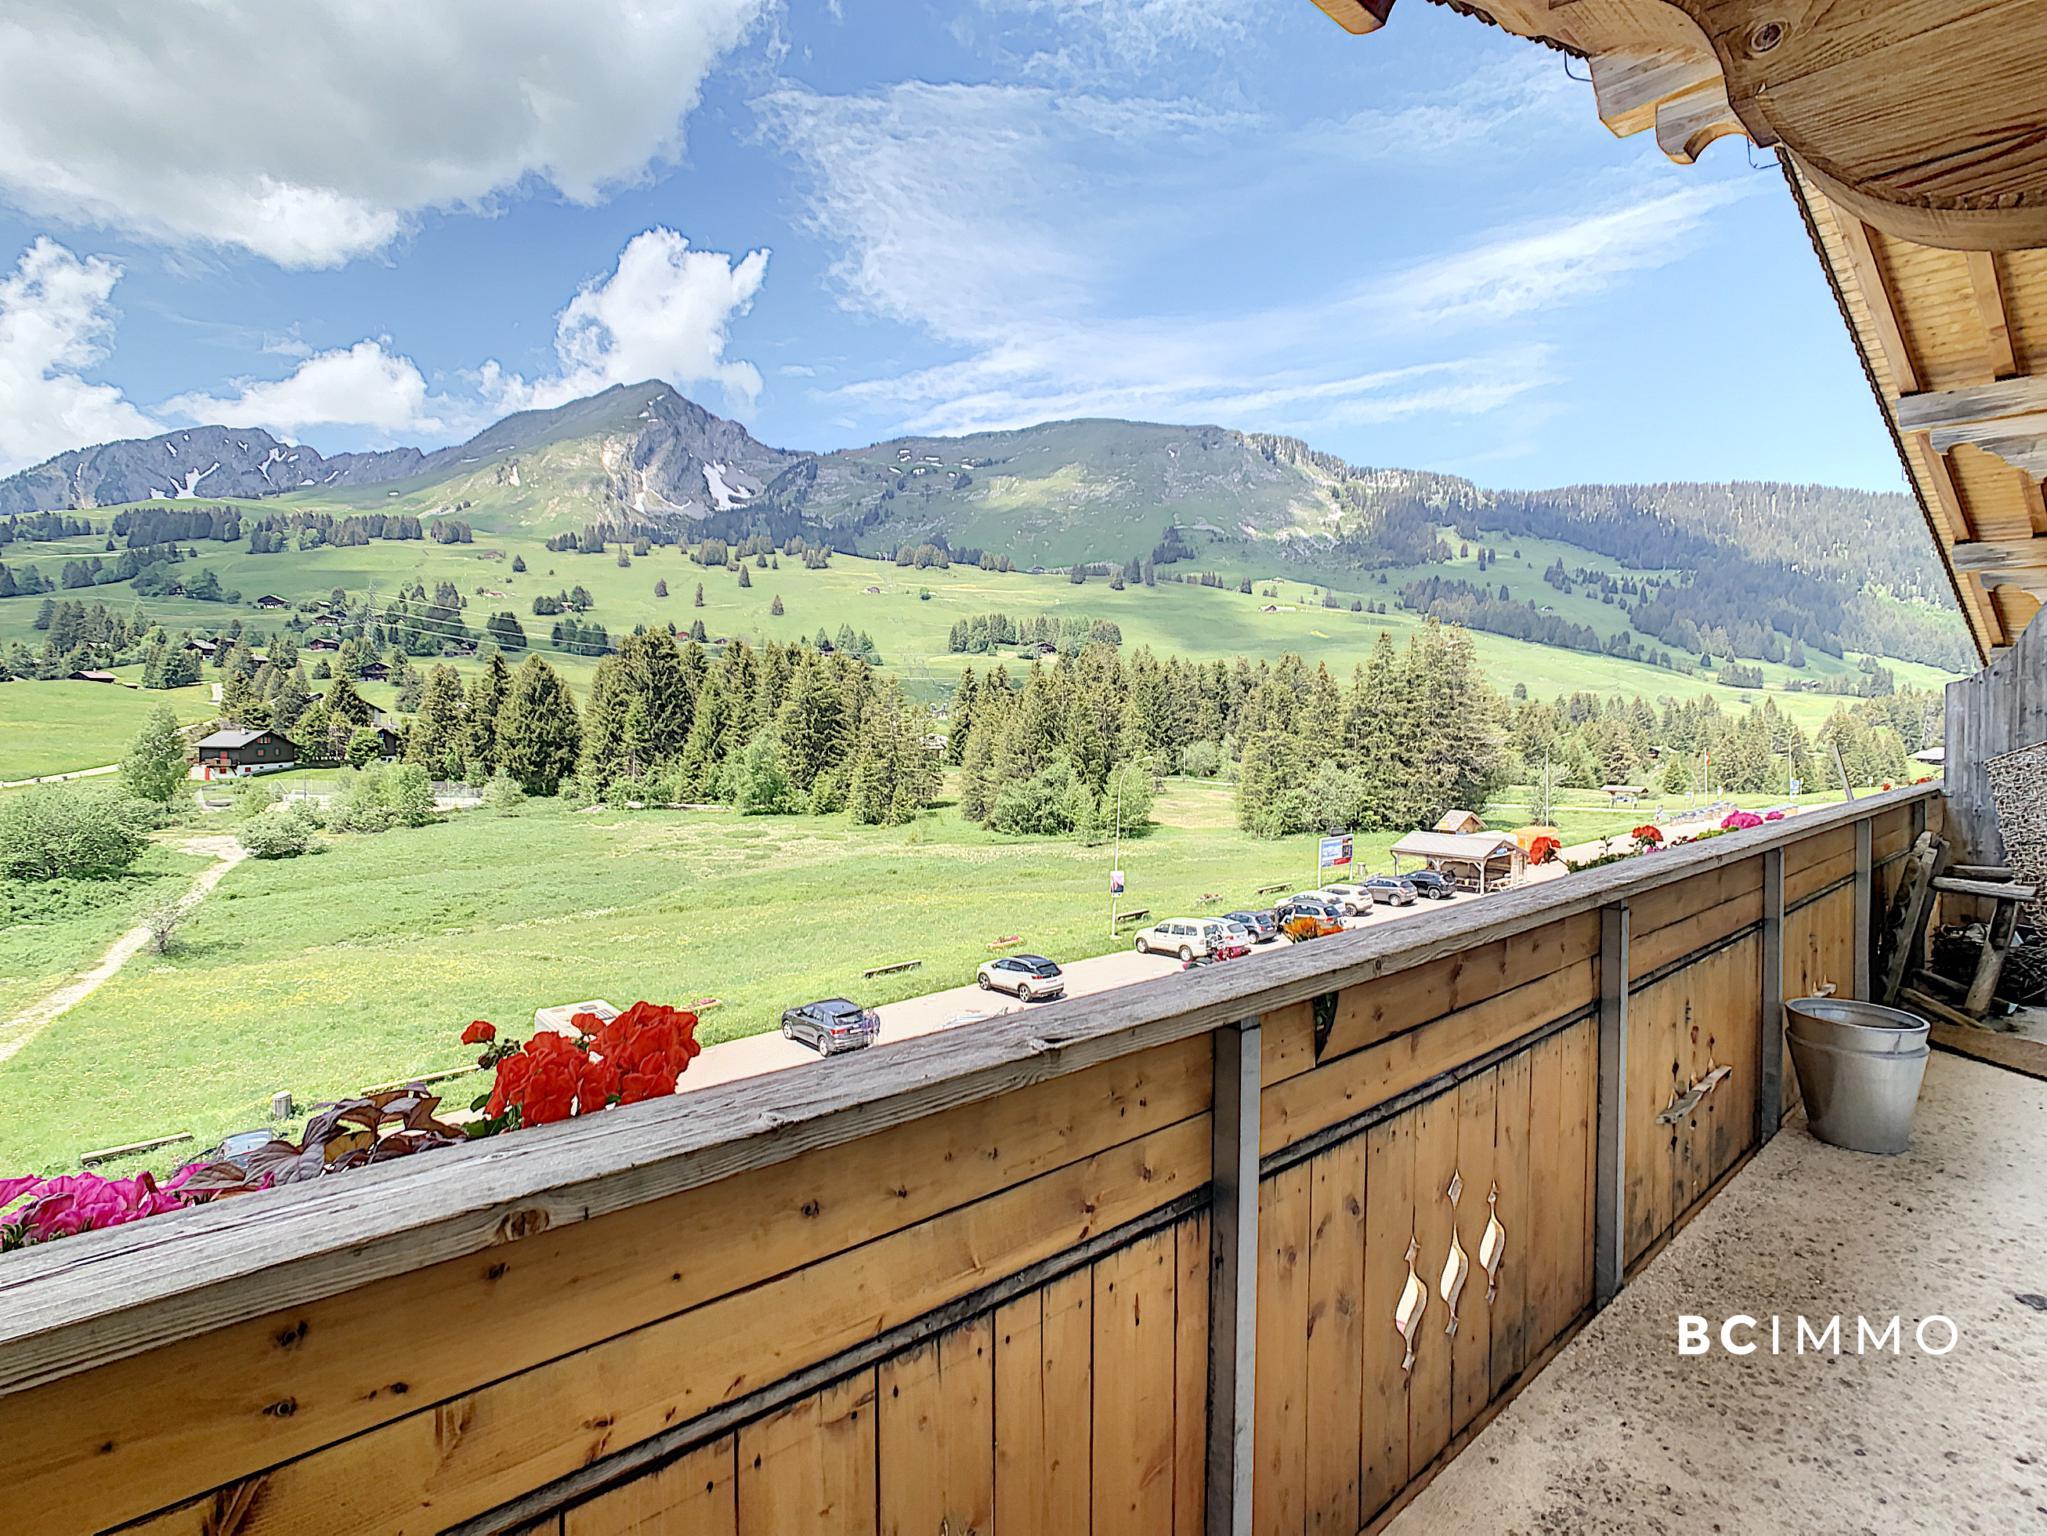 BC Immo - Situation magnifique 2 beaux Hôtels Relais Alpin et Fontaines au Col des Mosses (Vaud) - H-21-001